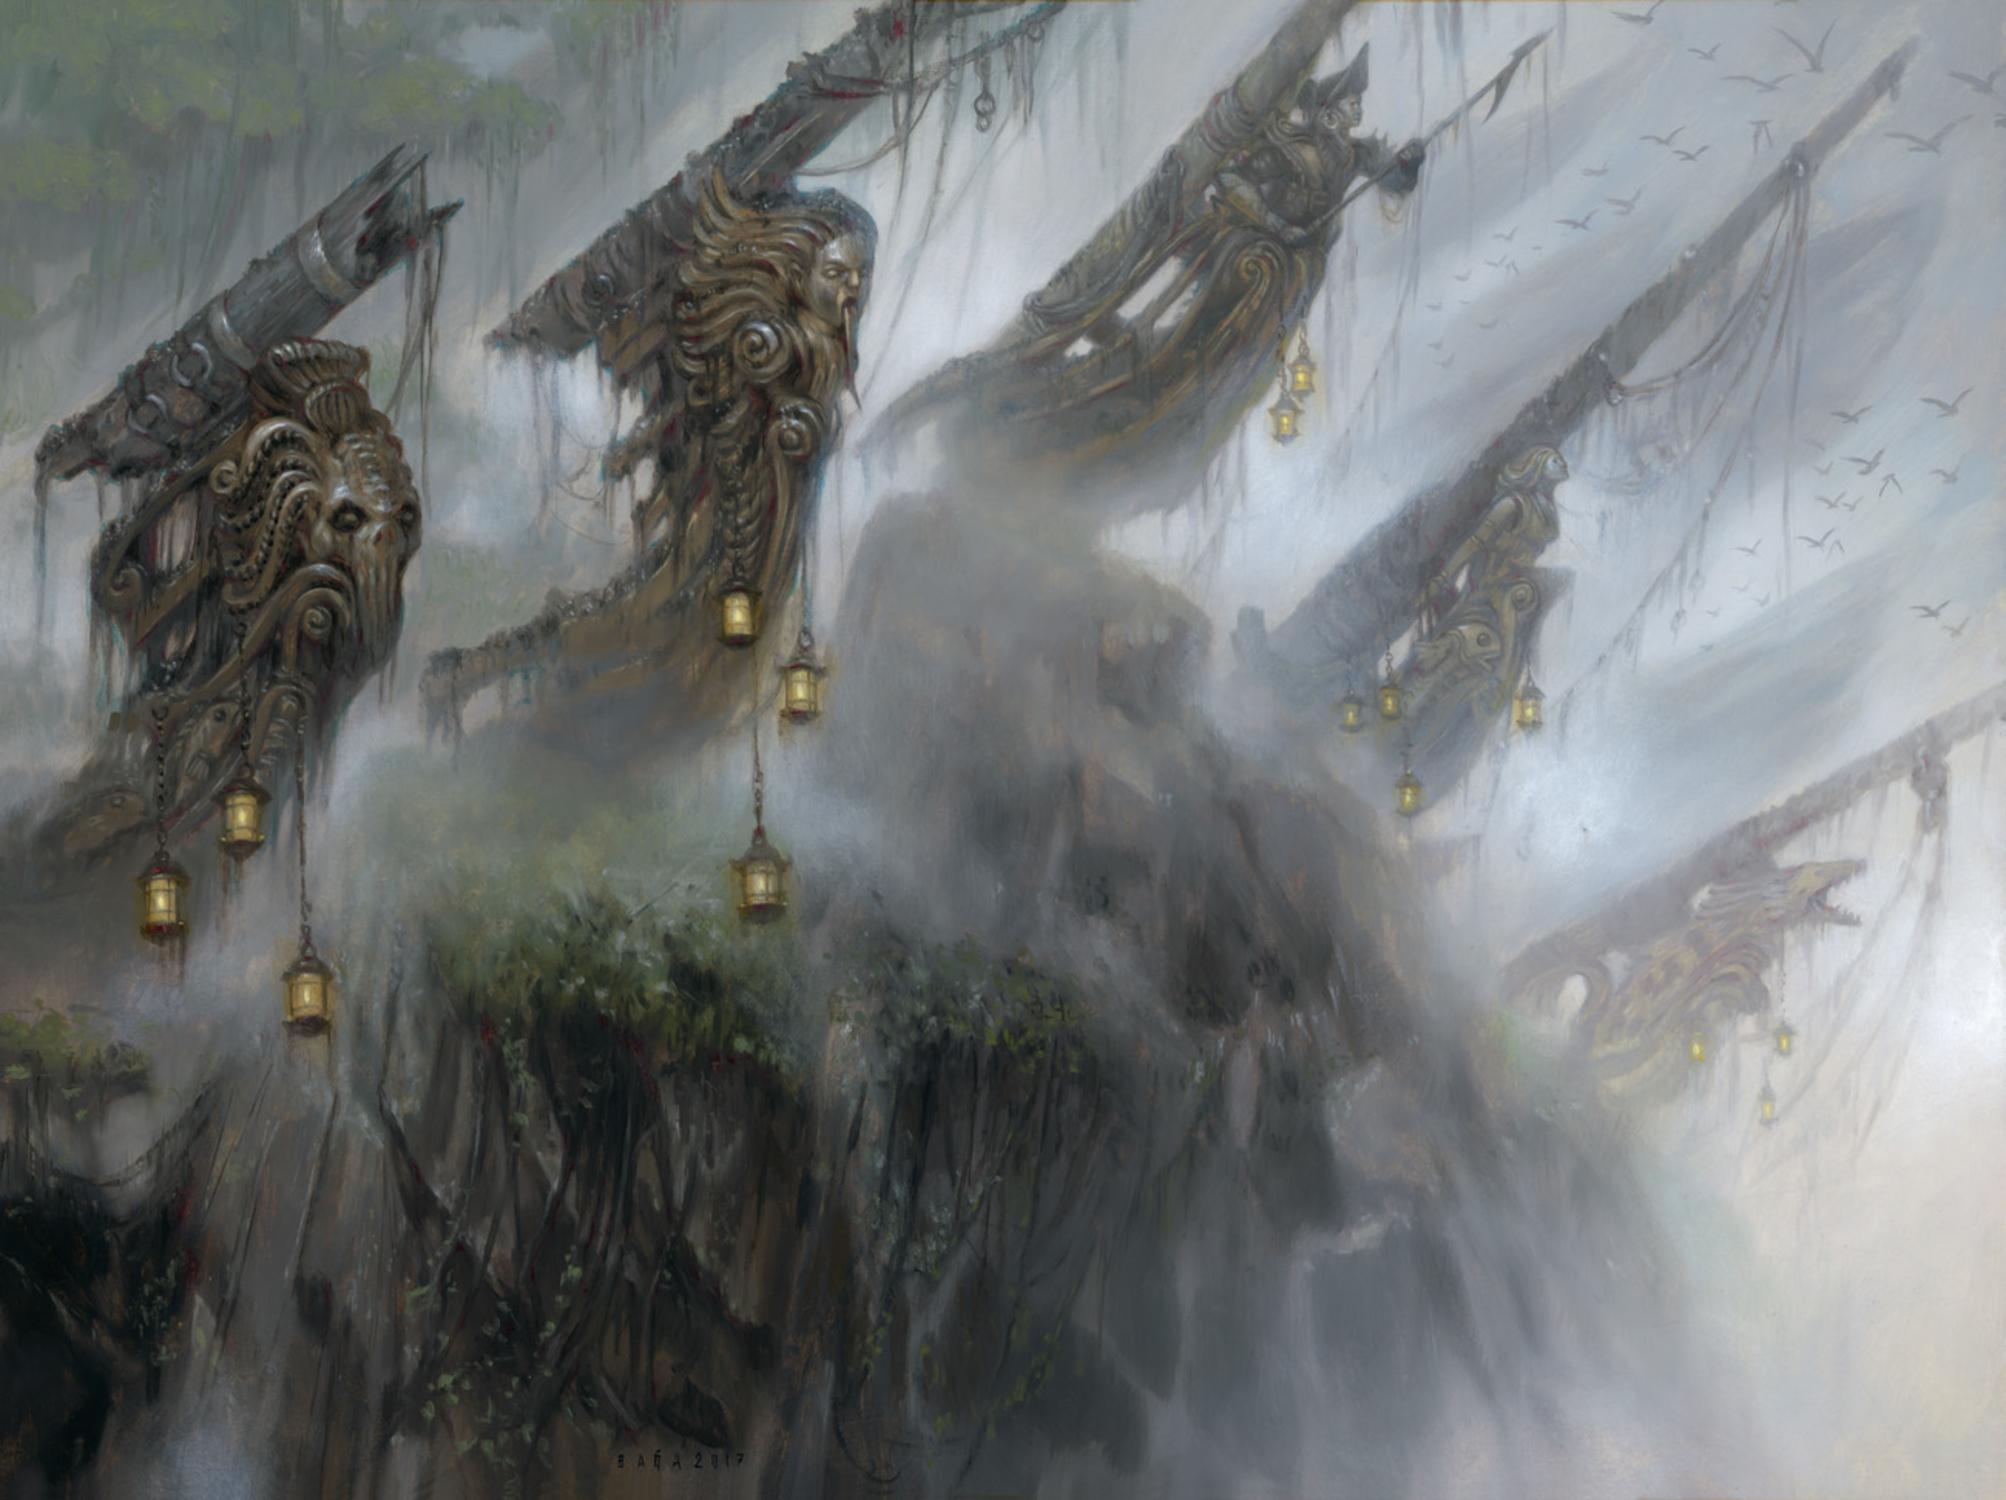 Crumbling Necropolis Artwork by Volkan Baga